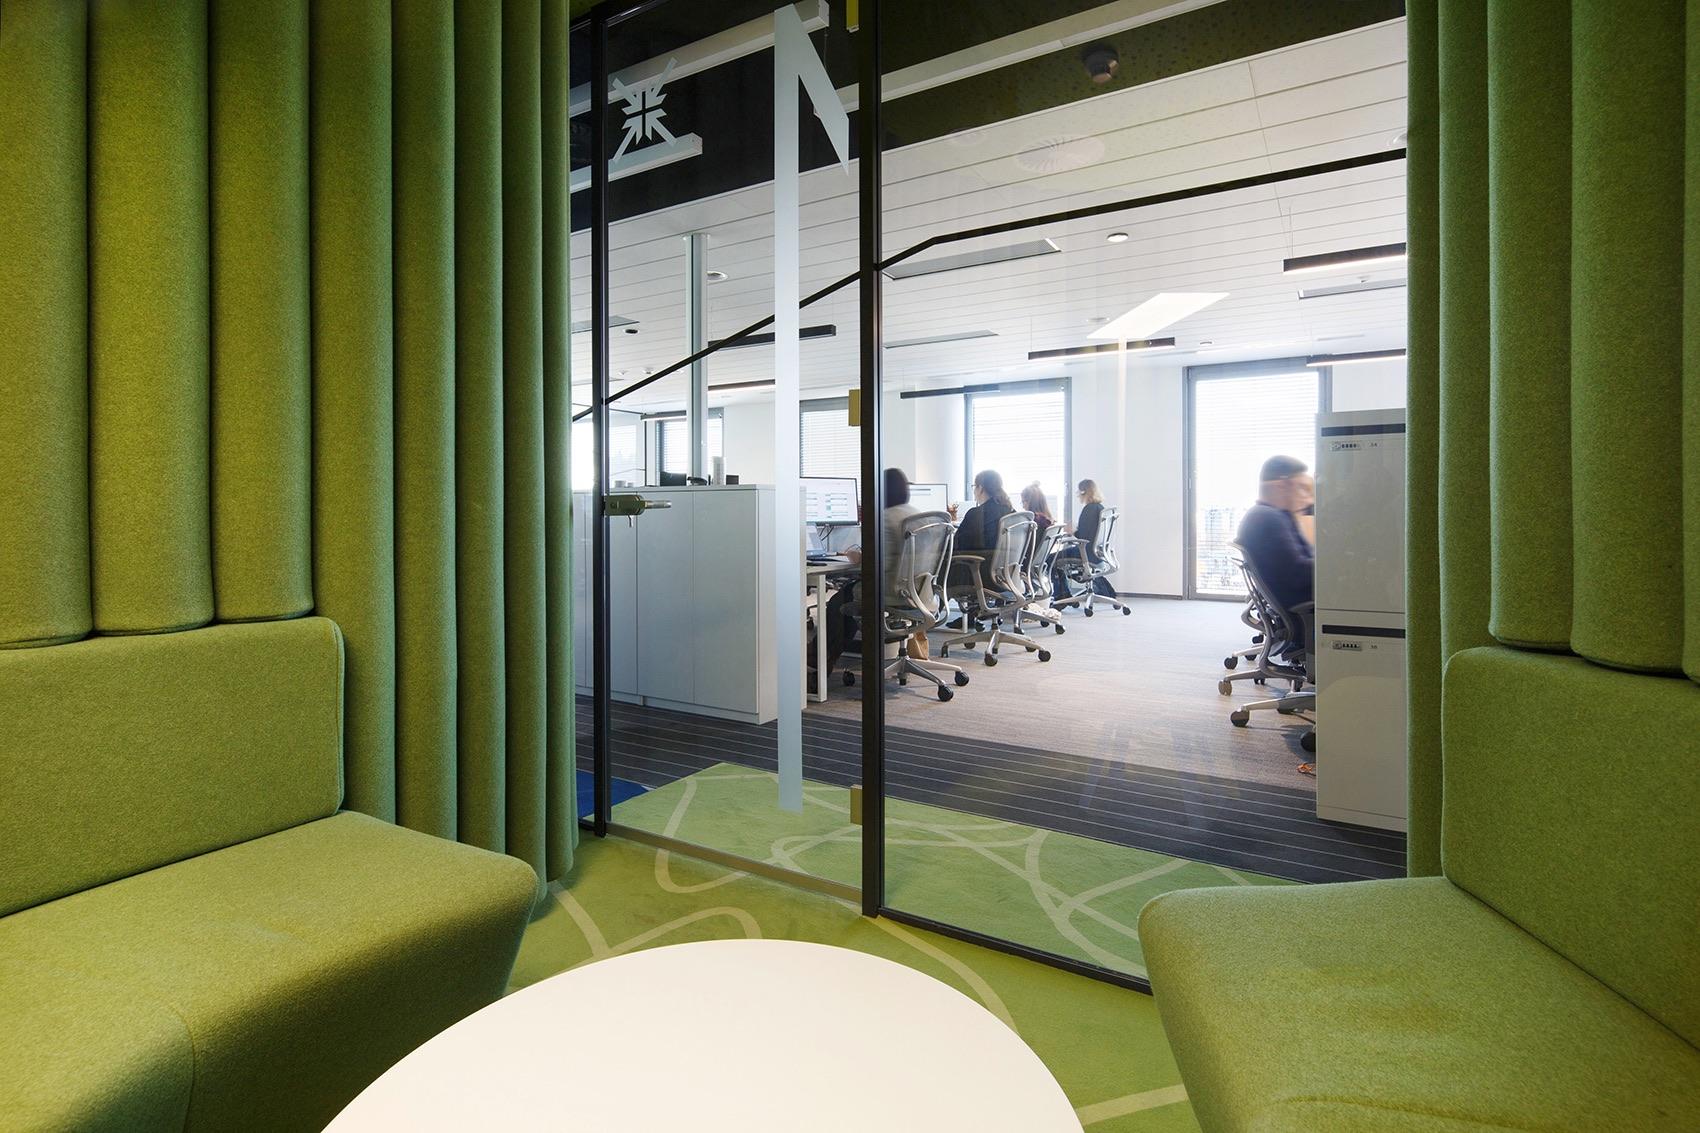 kpmg-katowice-office-18